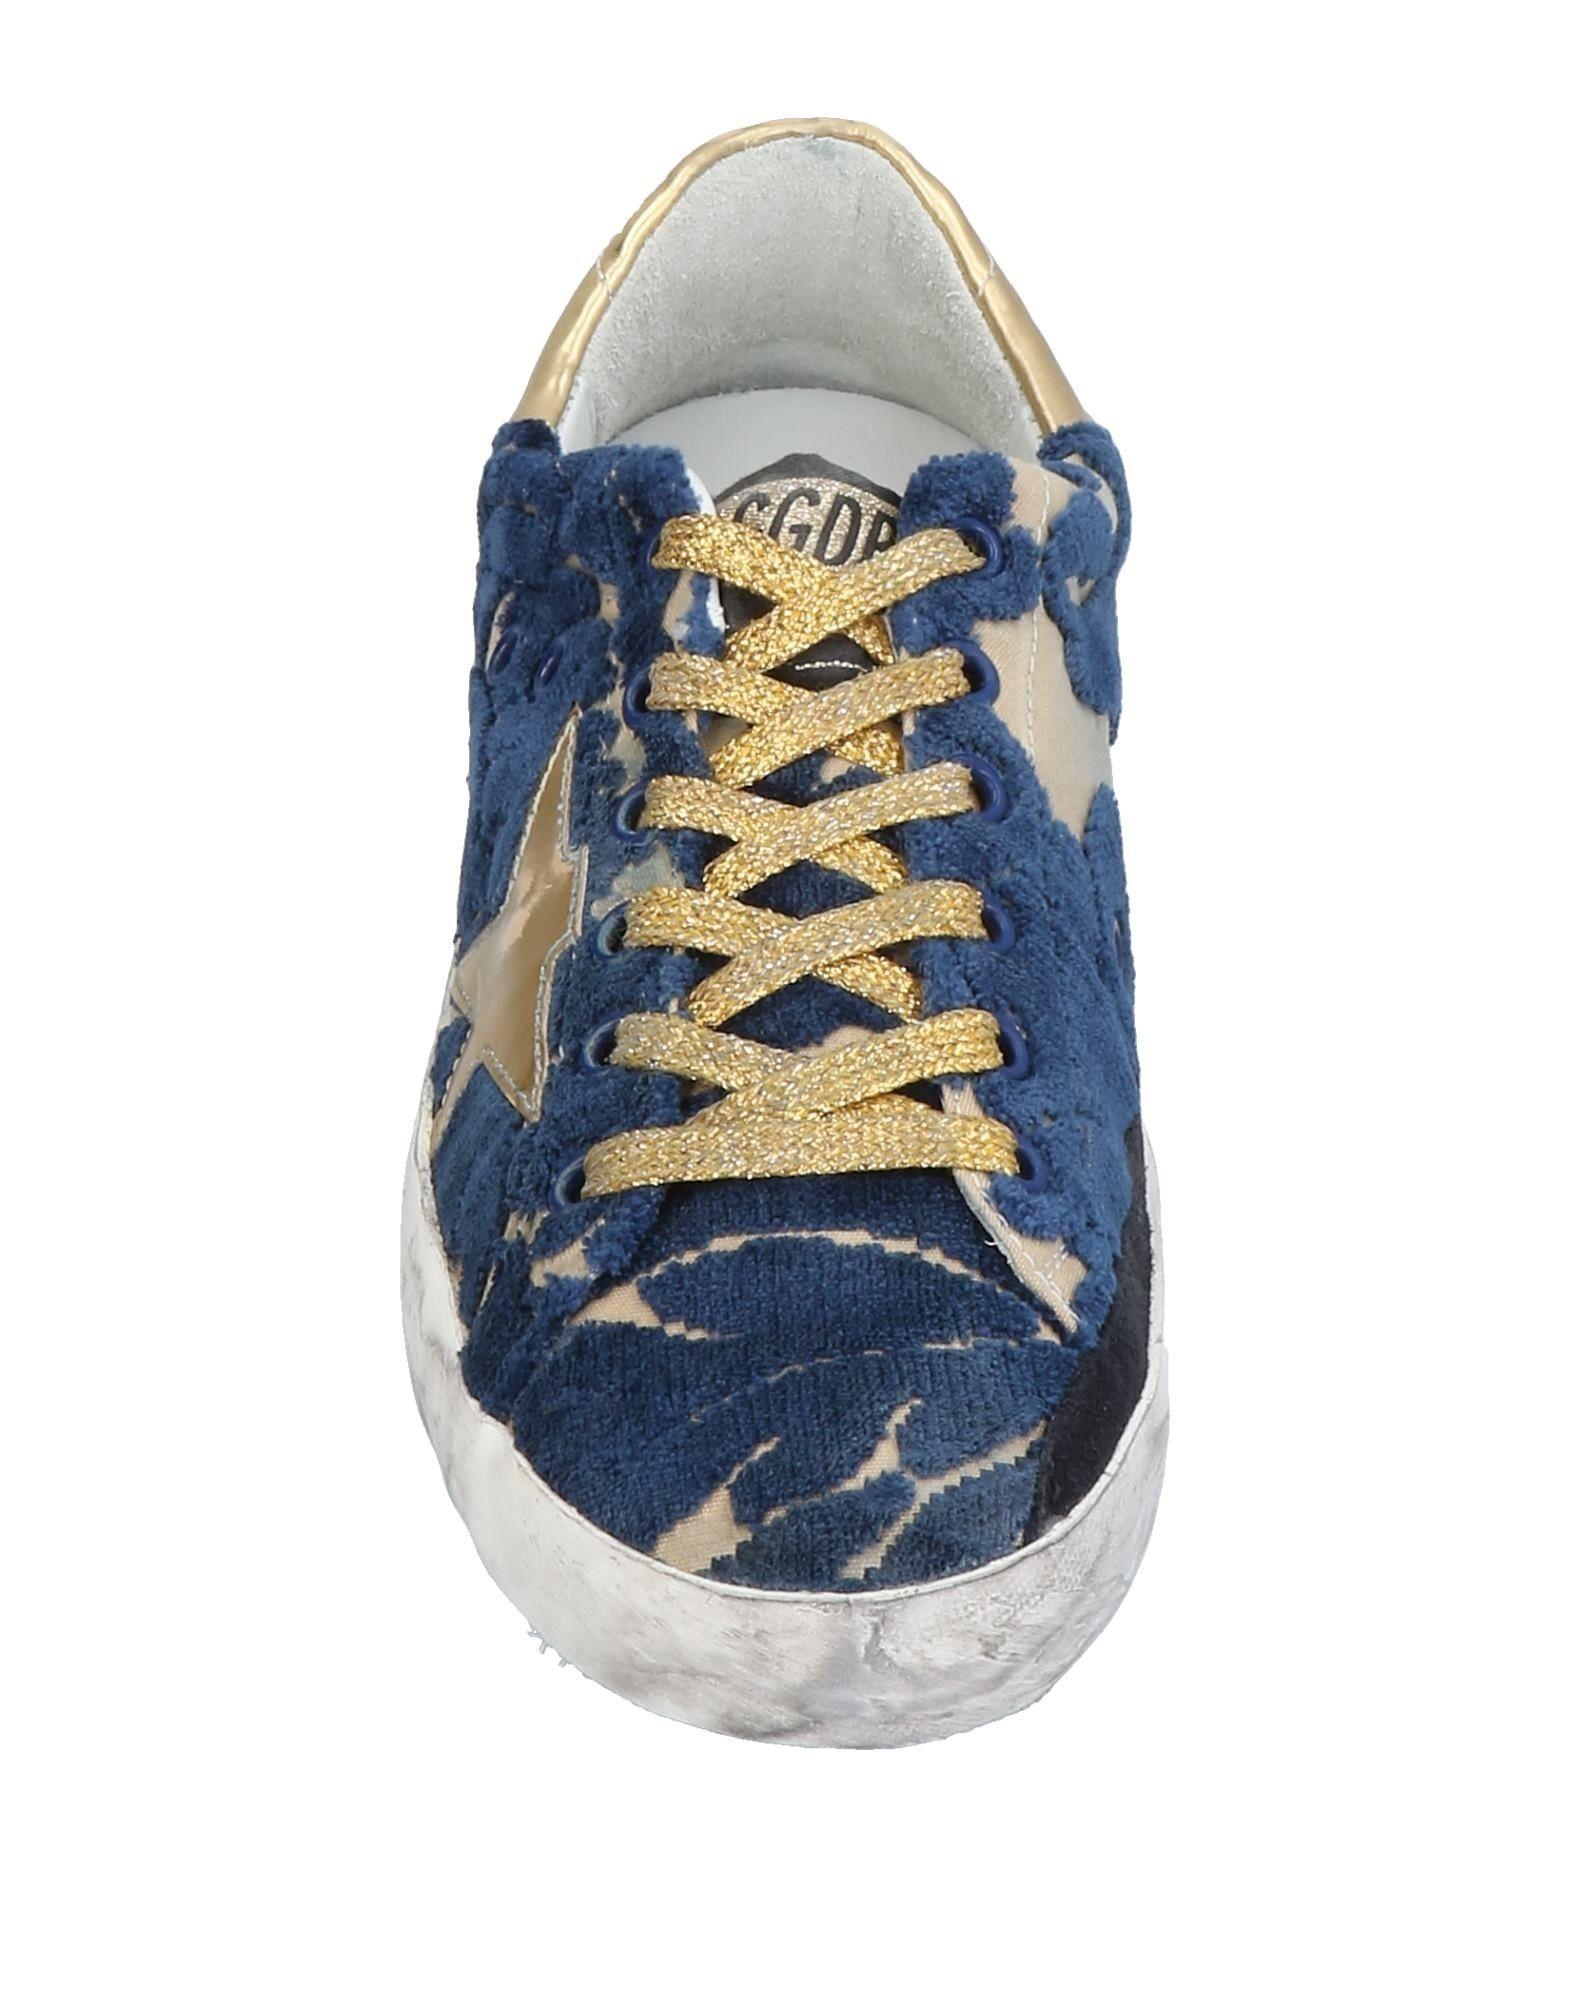 Sneakers Golden Goose Deluxe Brand Femme - Sneakers Golden Goose Deluxe Brand sur